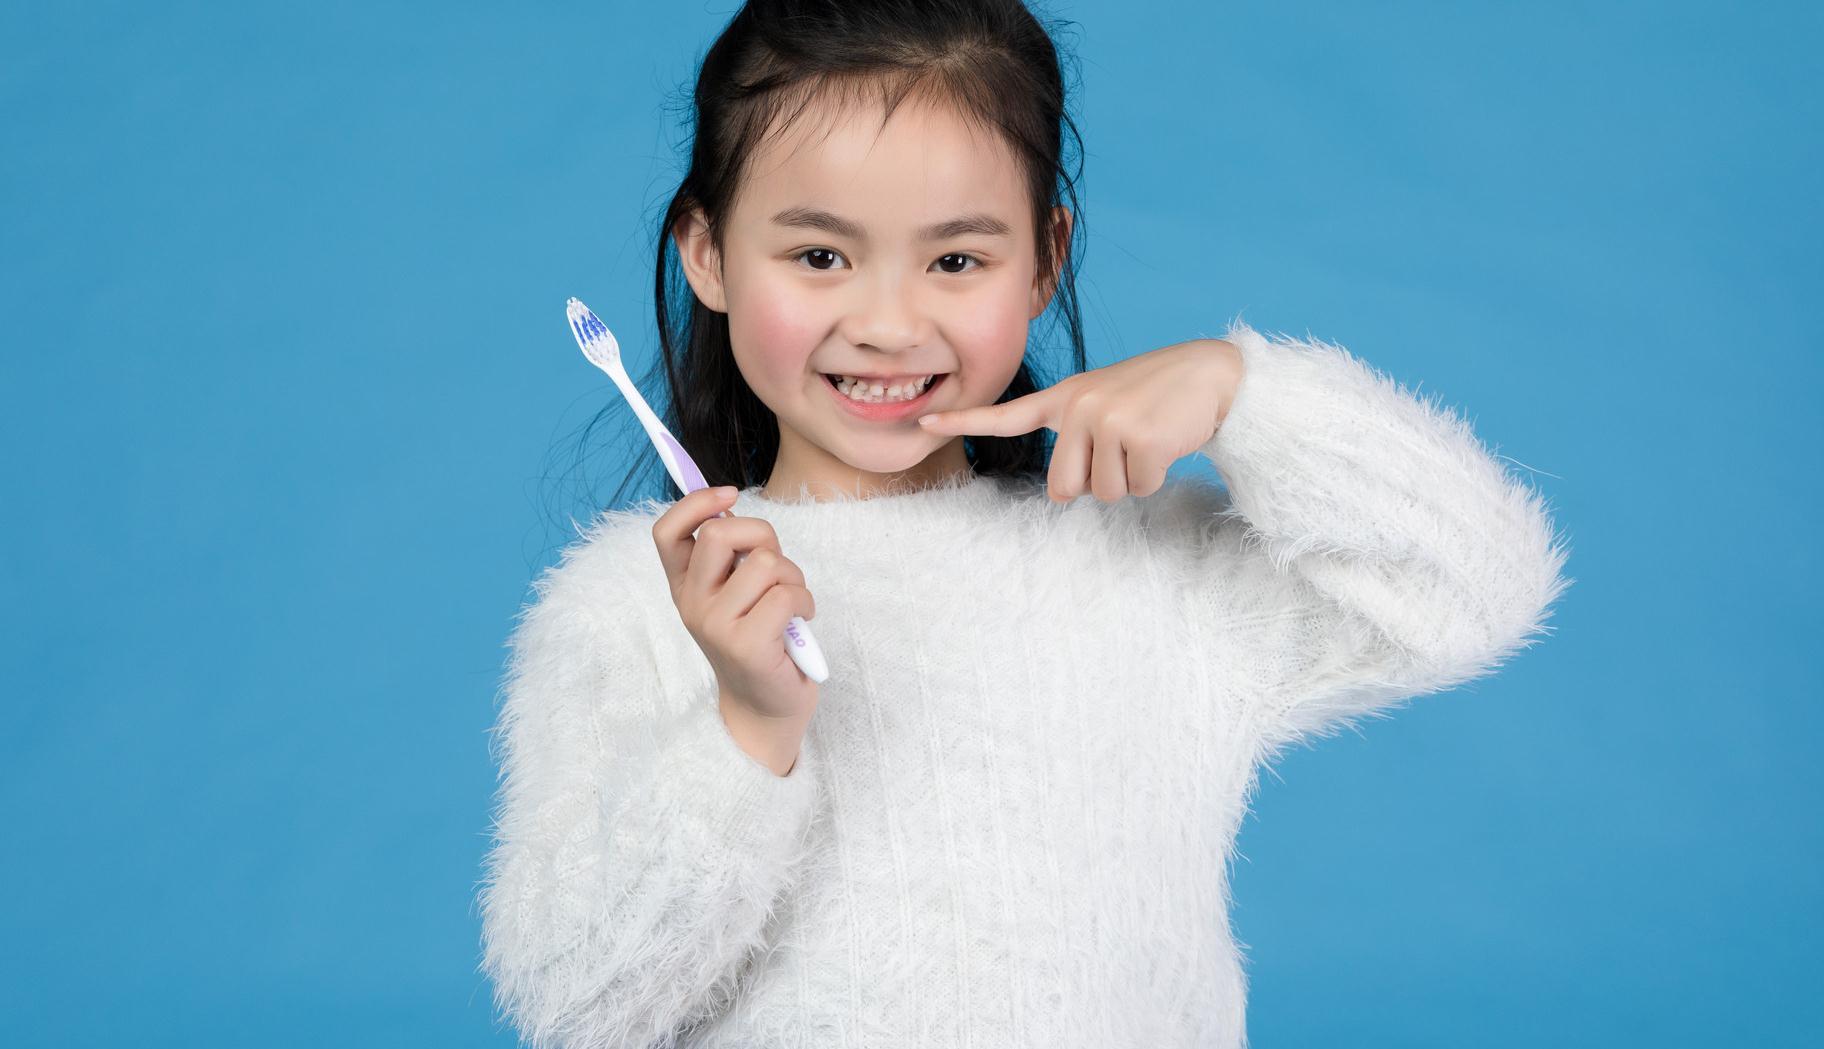 宝宝长牙时喂养很重要,一不留神影响相貌,家长要重视起来